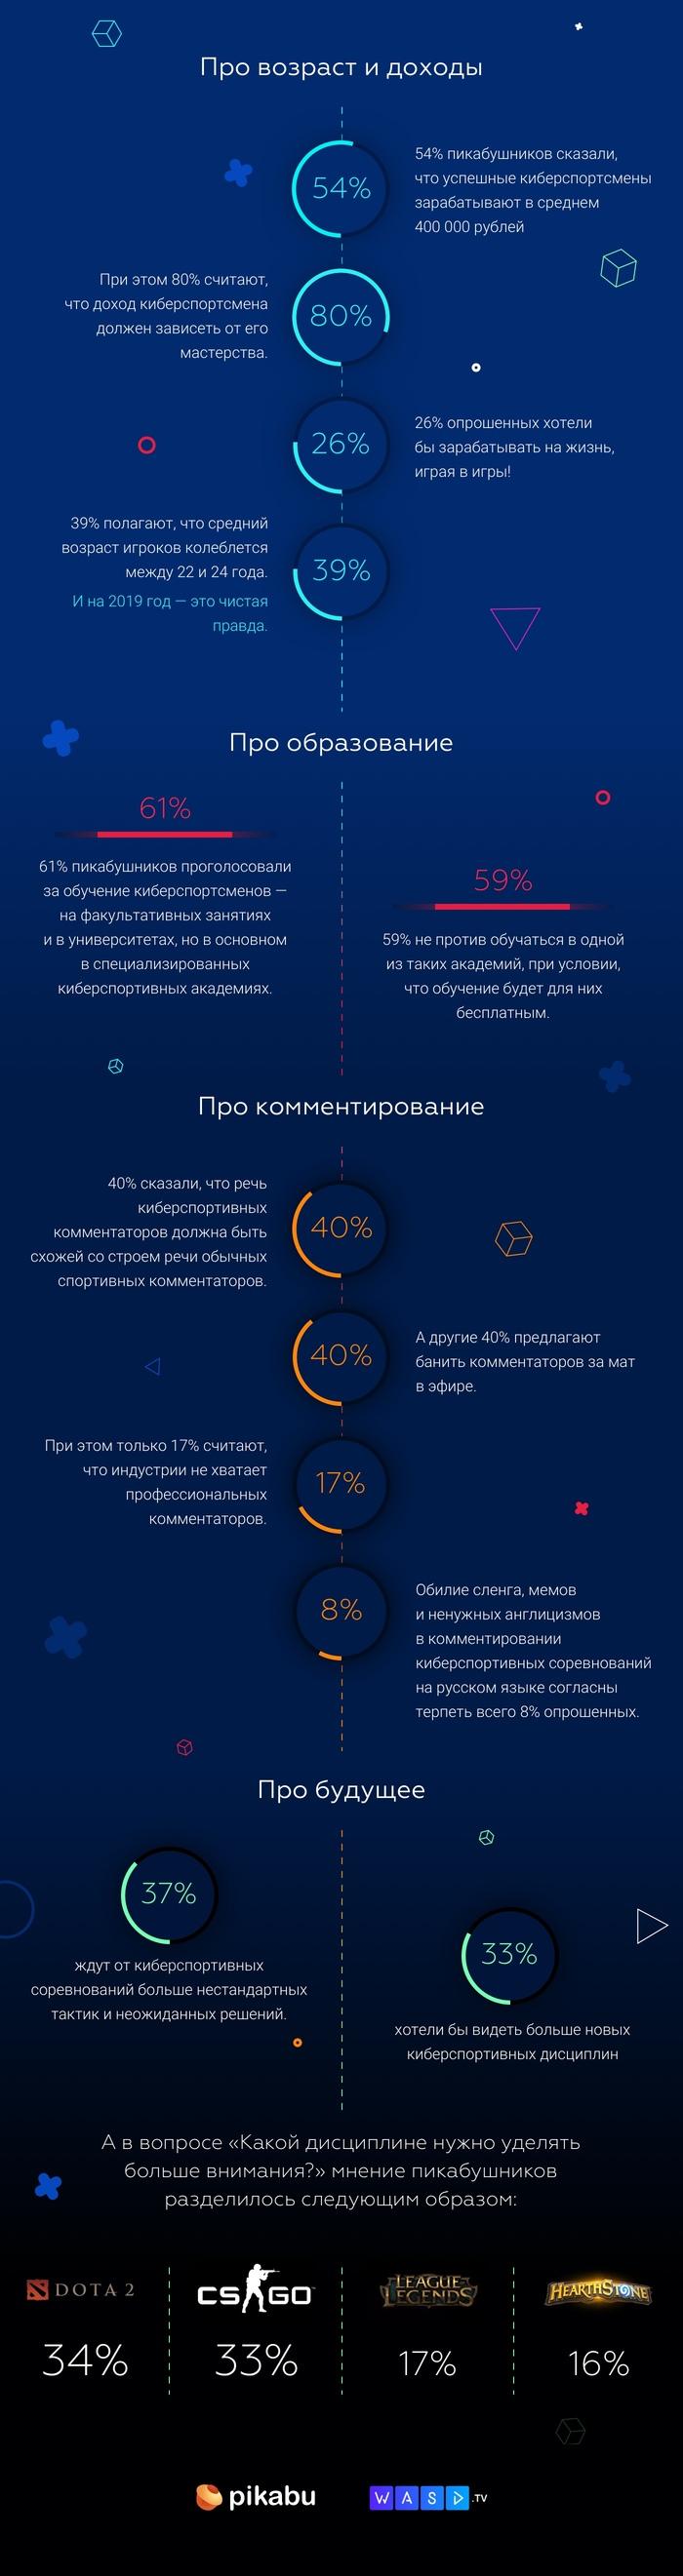 Результаты опроса: что вы думаете о киберспорте? Длиннопост